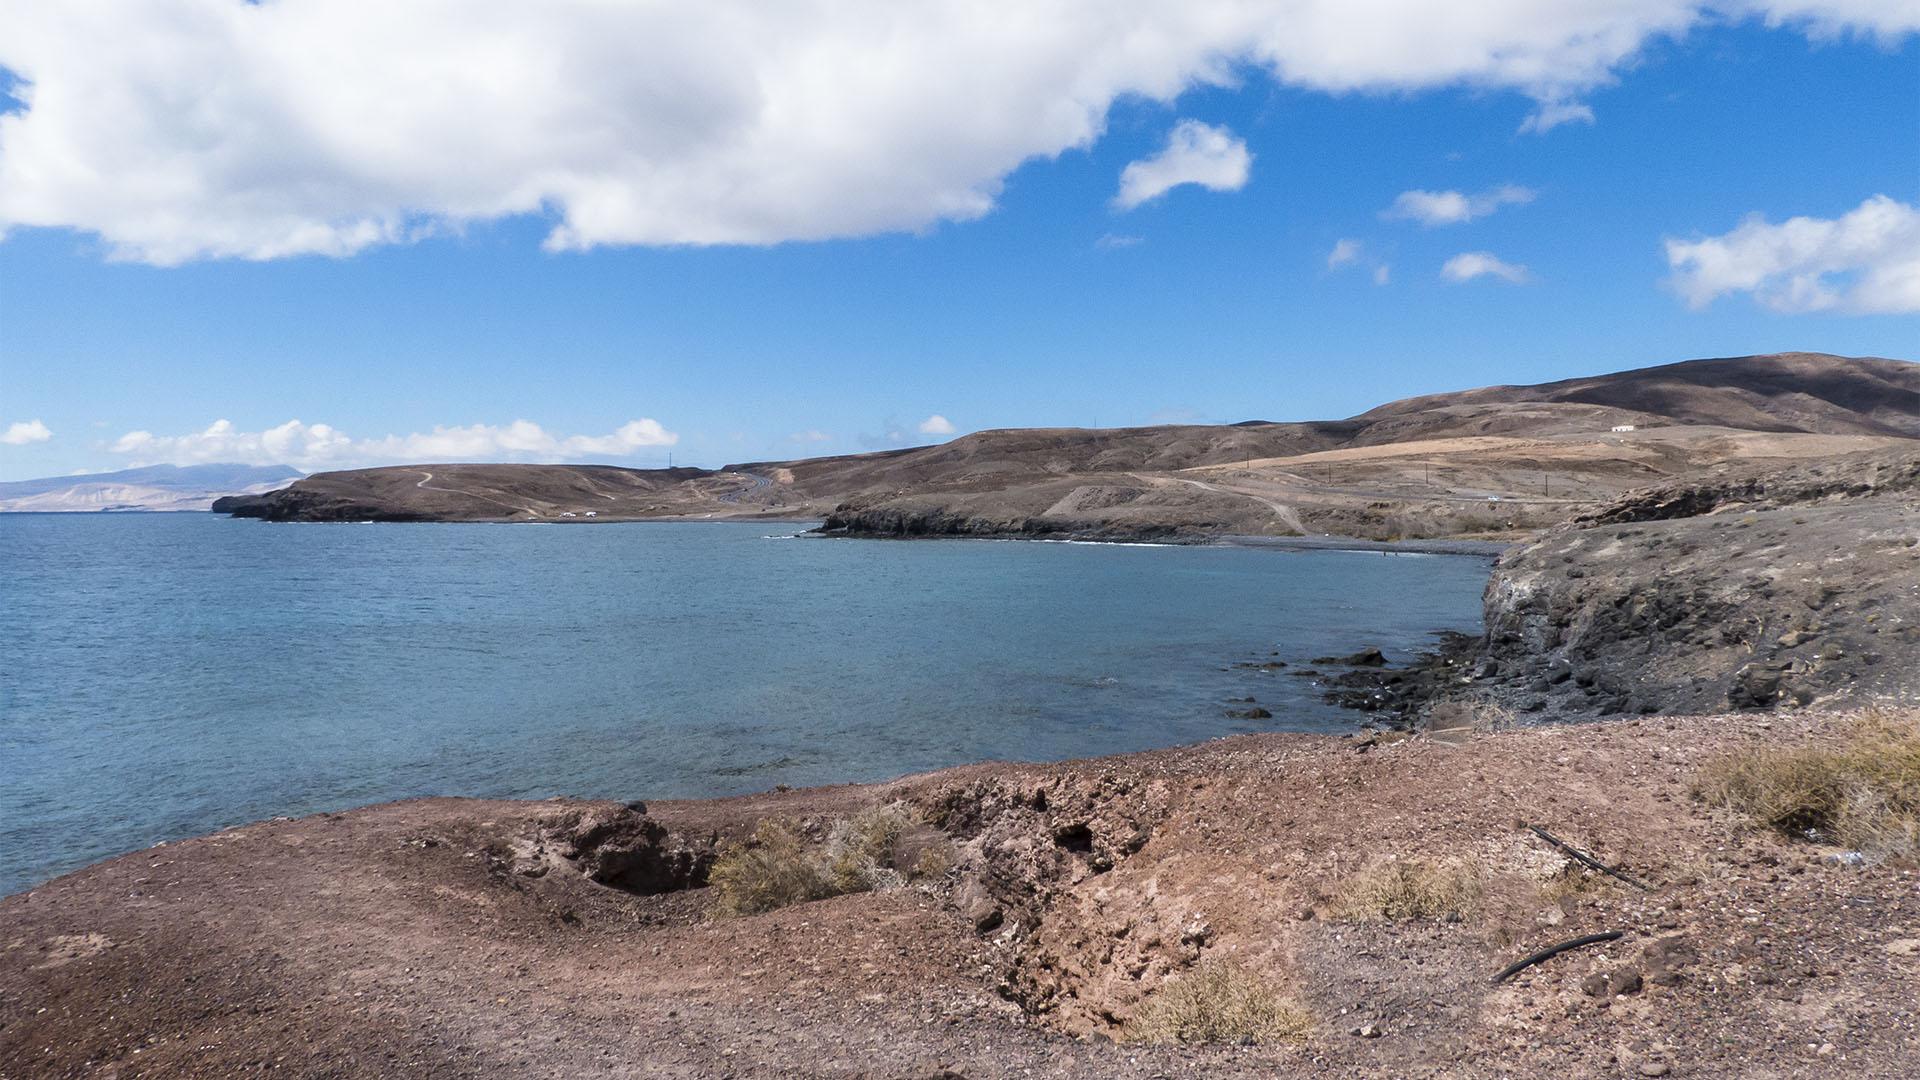 Die Strände Fuerteventuras: Playa laja del Corral - Punta de la Cruzuela.